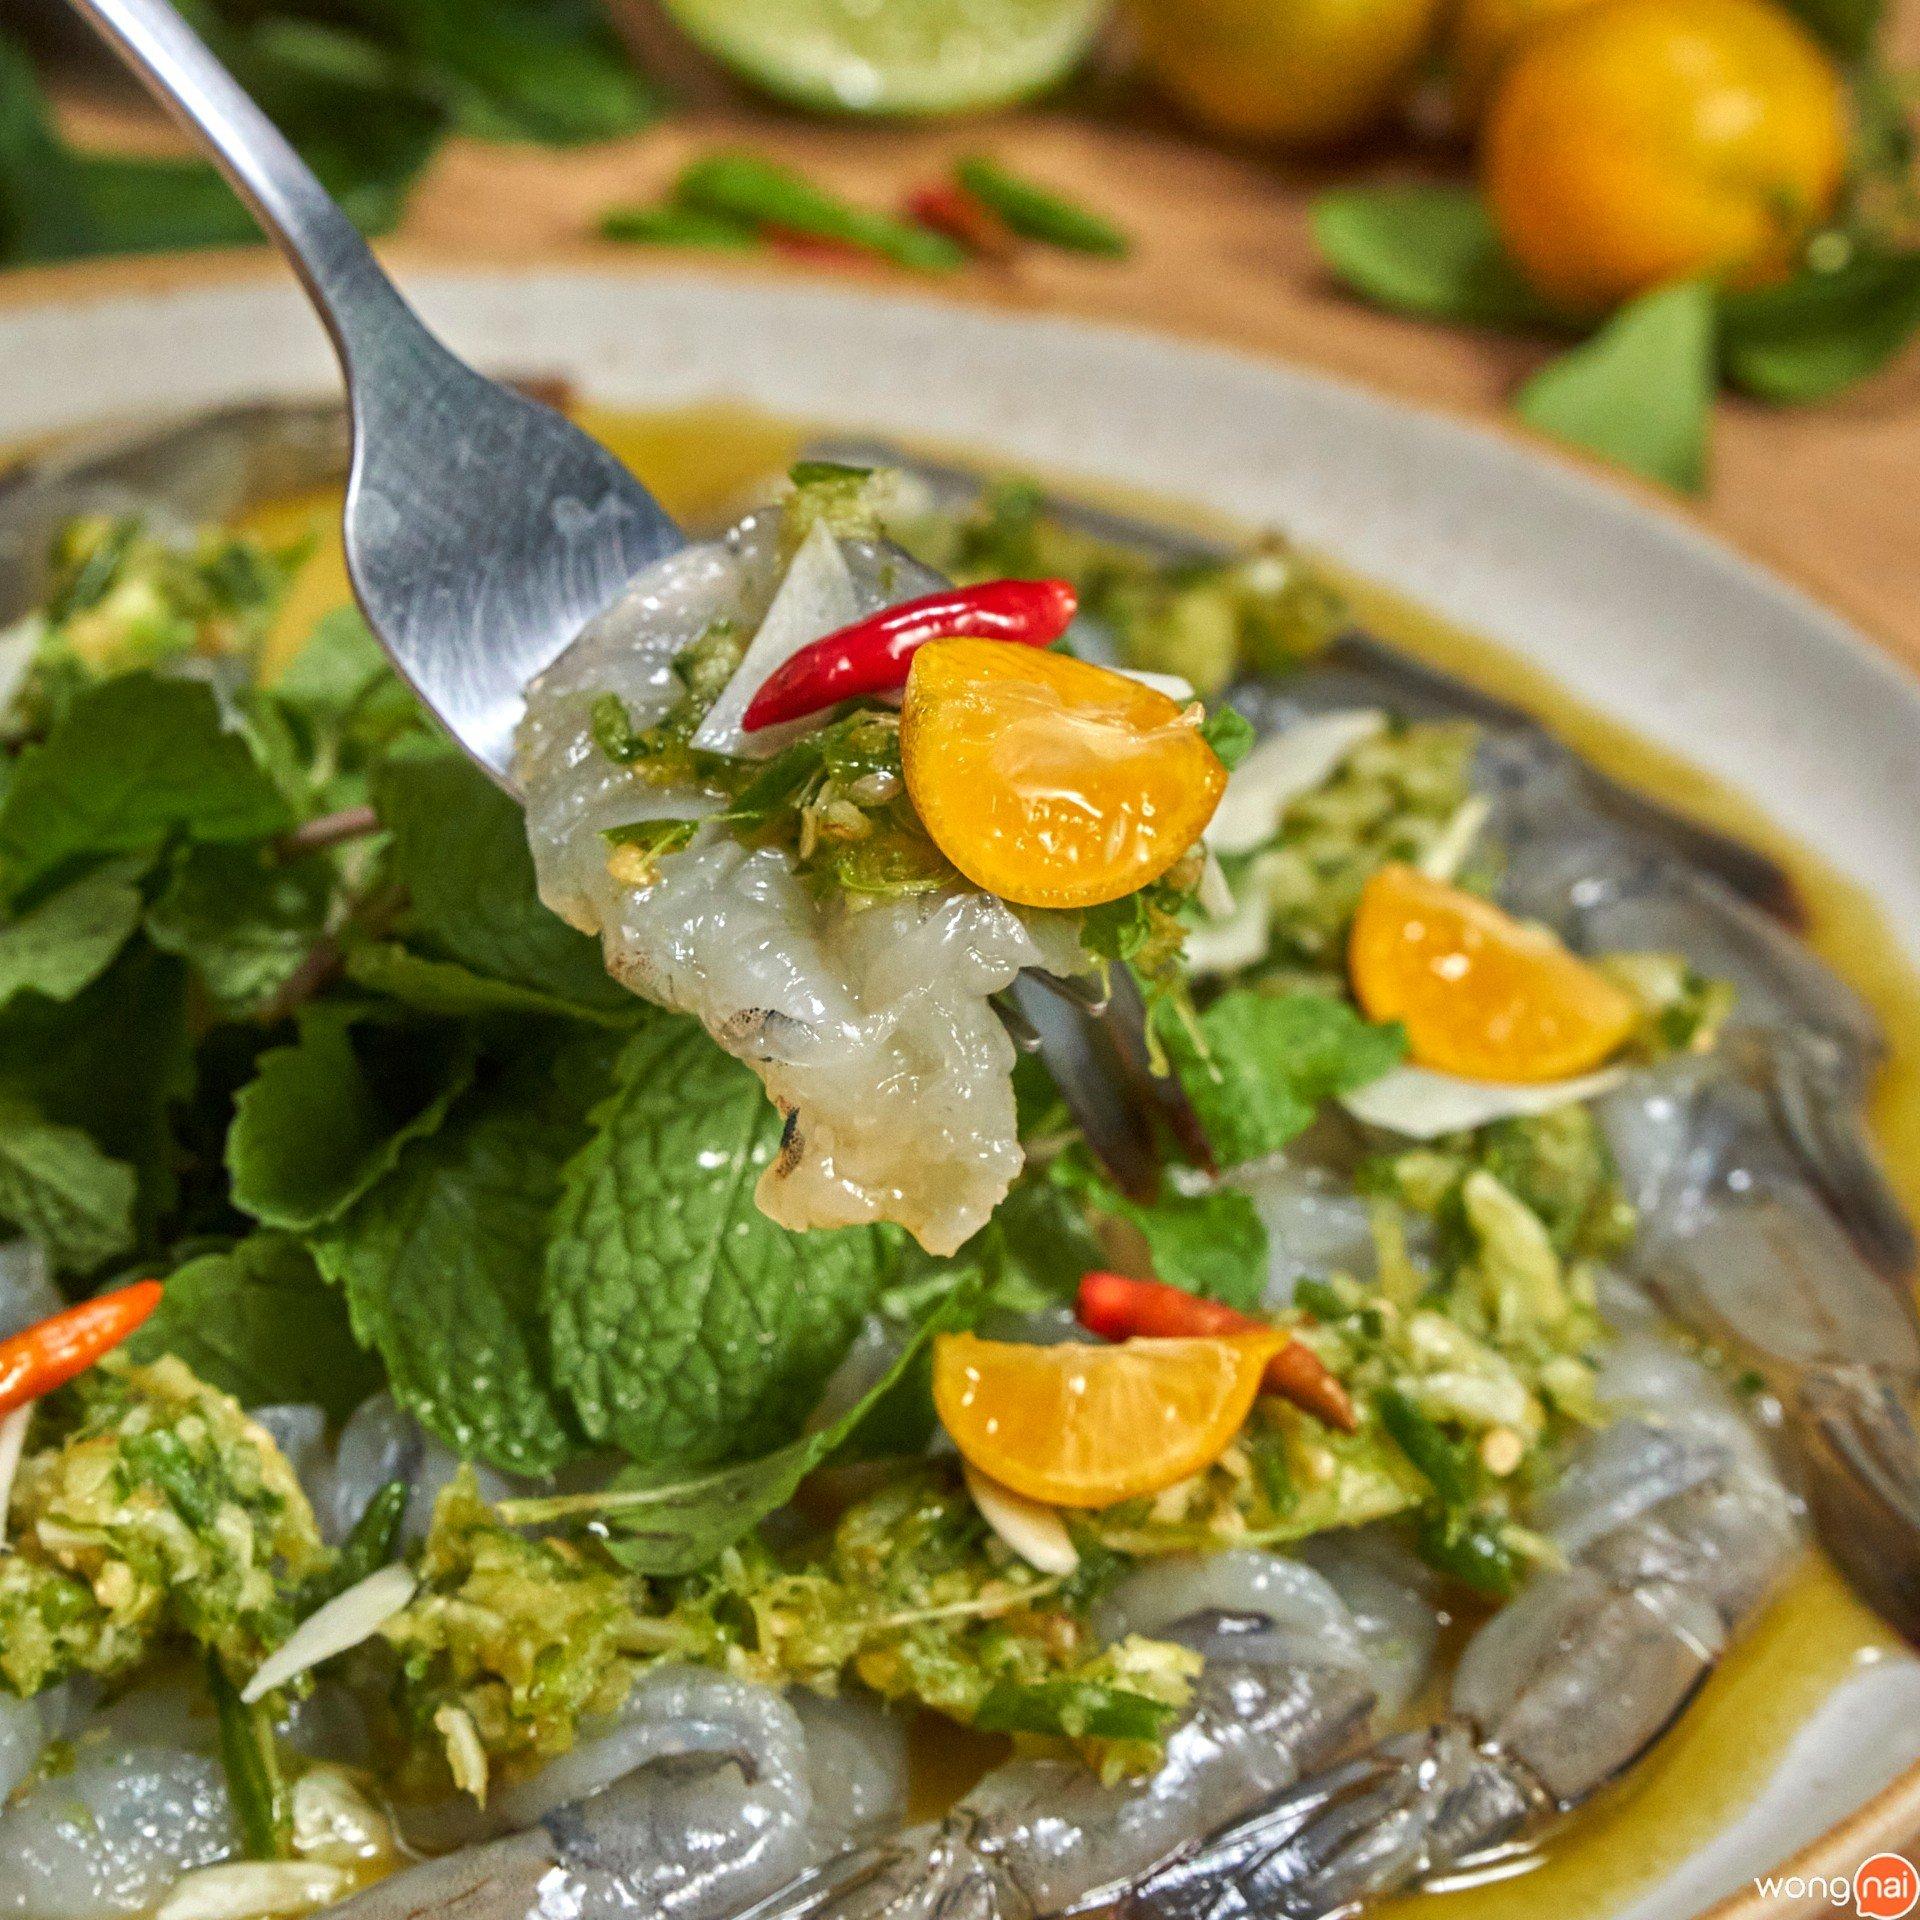 กุ้งแช่น้ำปลาส้มจี๊ด